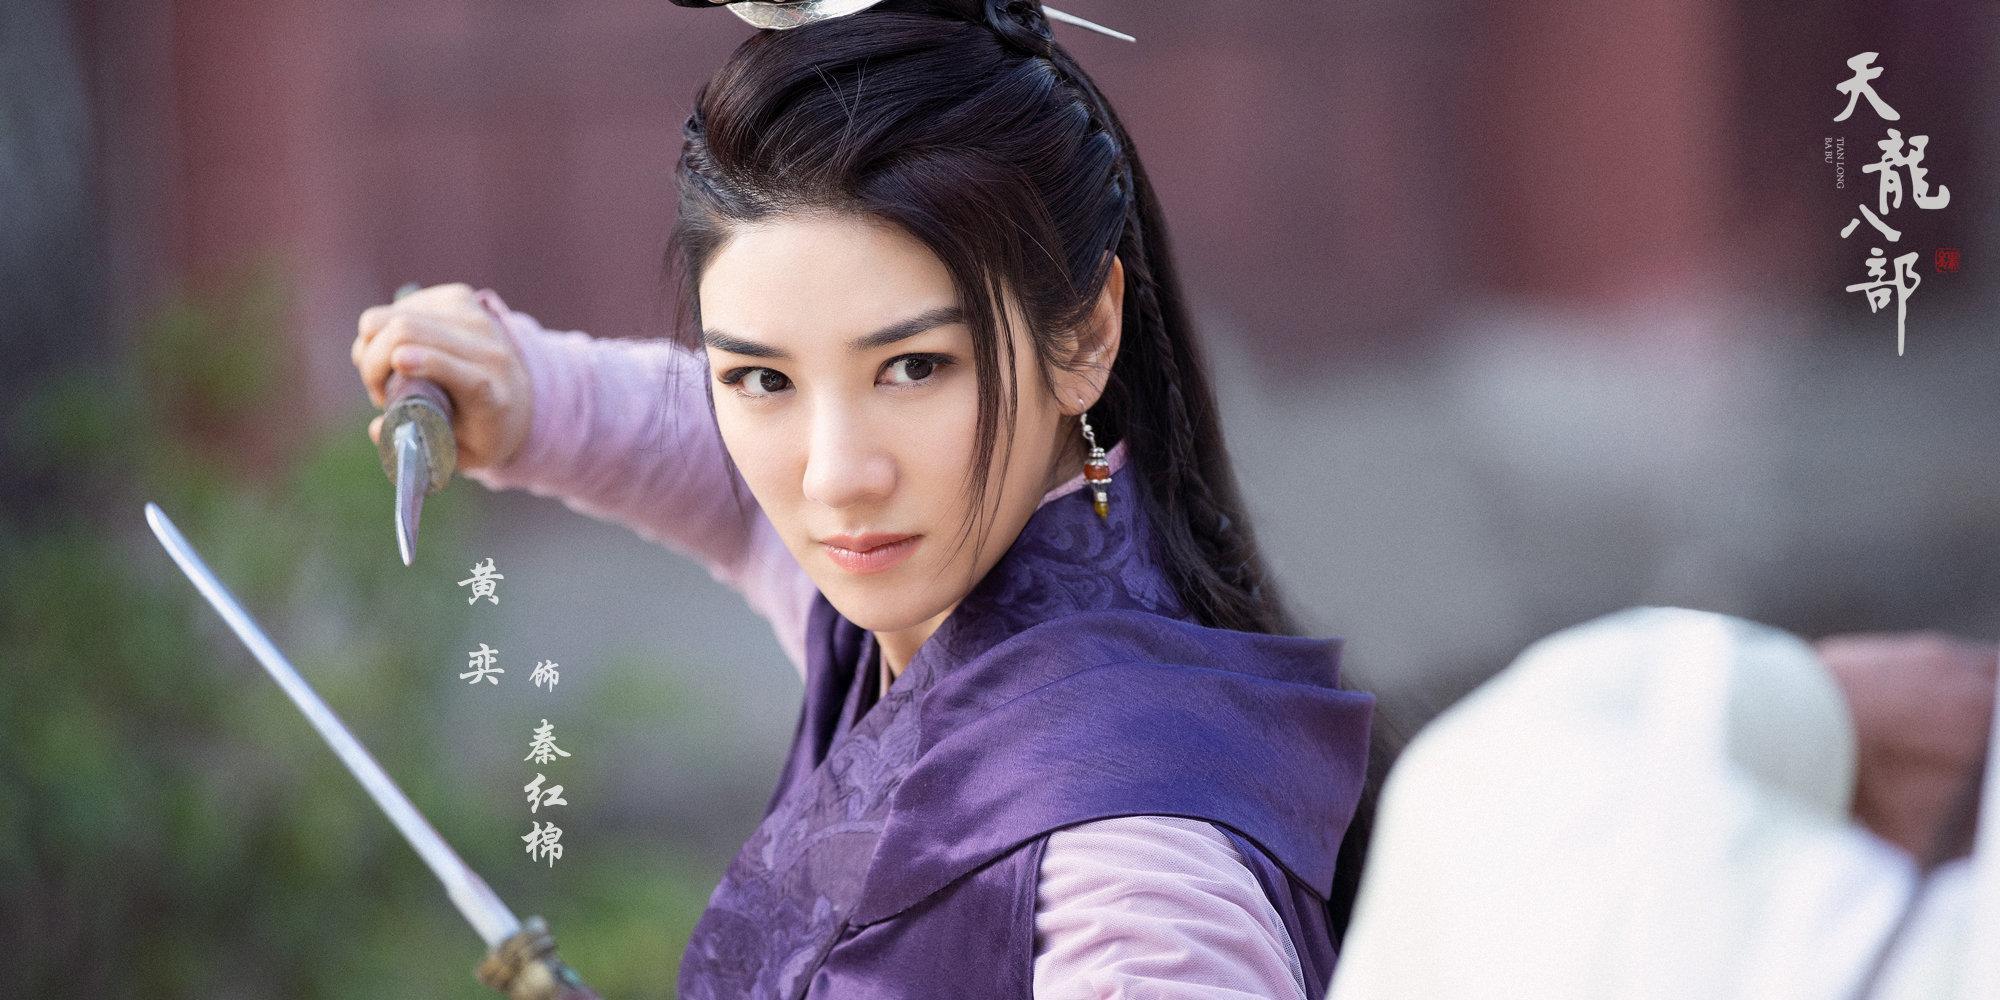 Hé lộ hình ảnh đẹp như mơ của Thiên Long Bát Bộ 2019-10